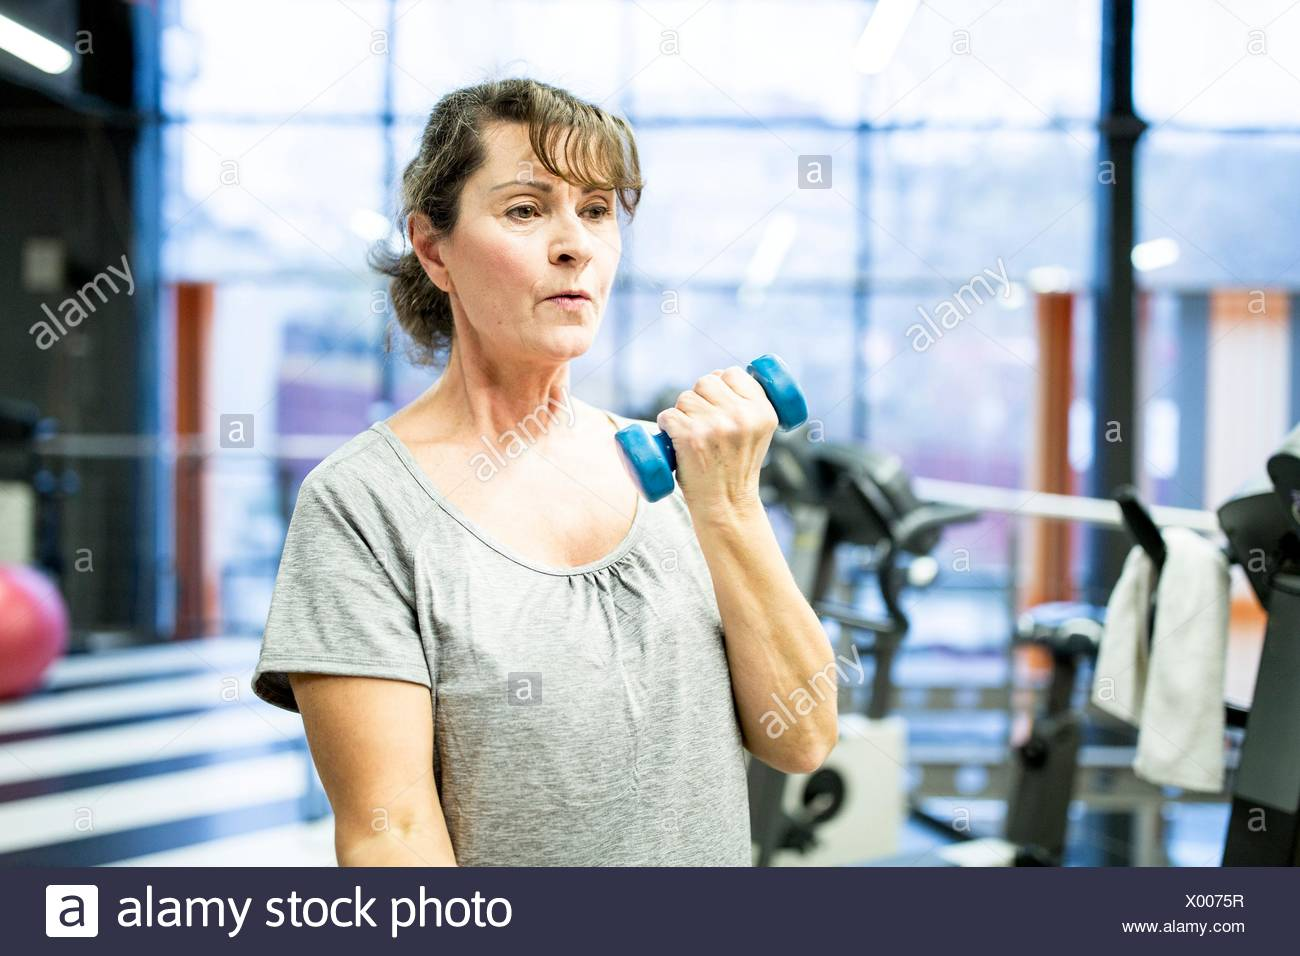 Parution de la propriété. Parution du modèle. Senior woman holding dumbbell dans une salle de sport. Photo Stock